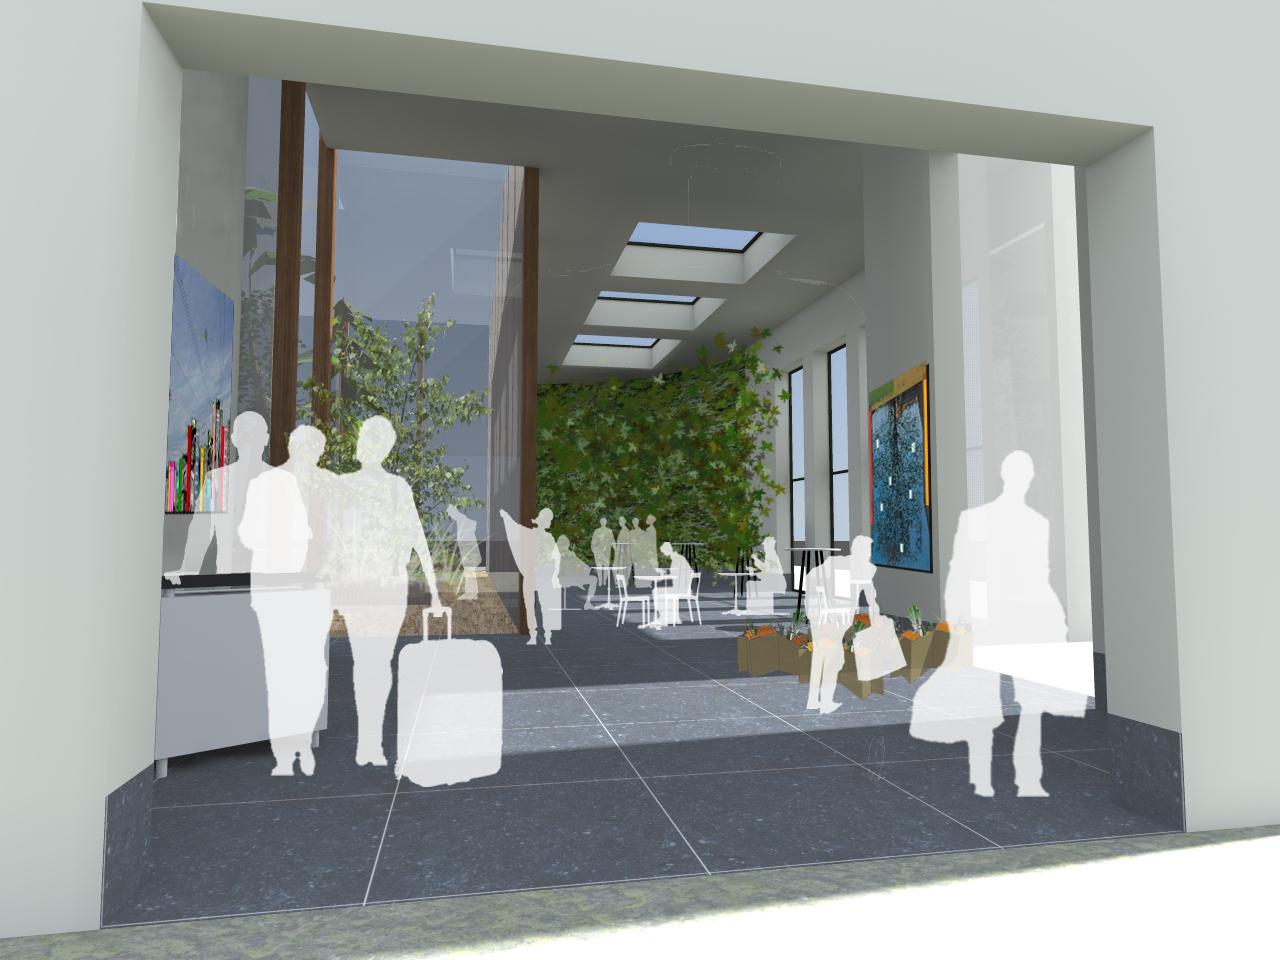 ecole-hotel-solar-bagnolet-vue3D-1